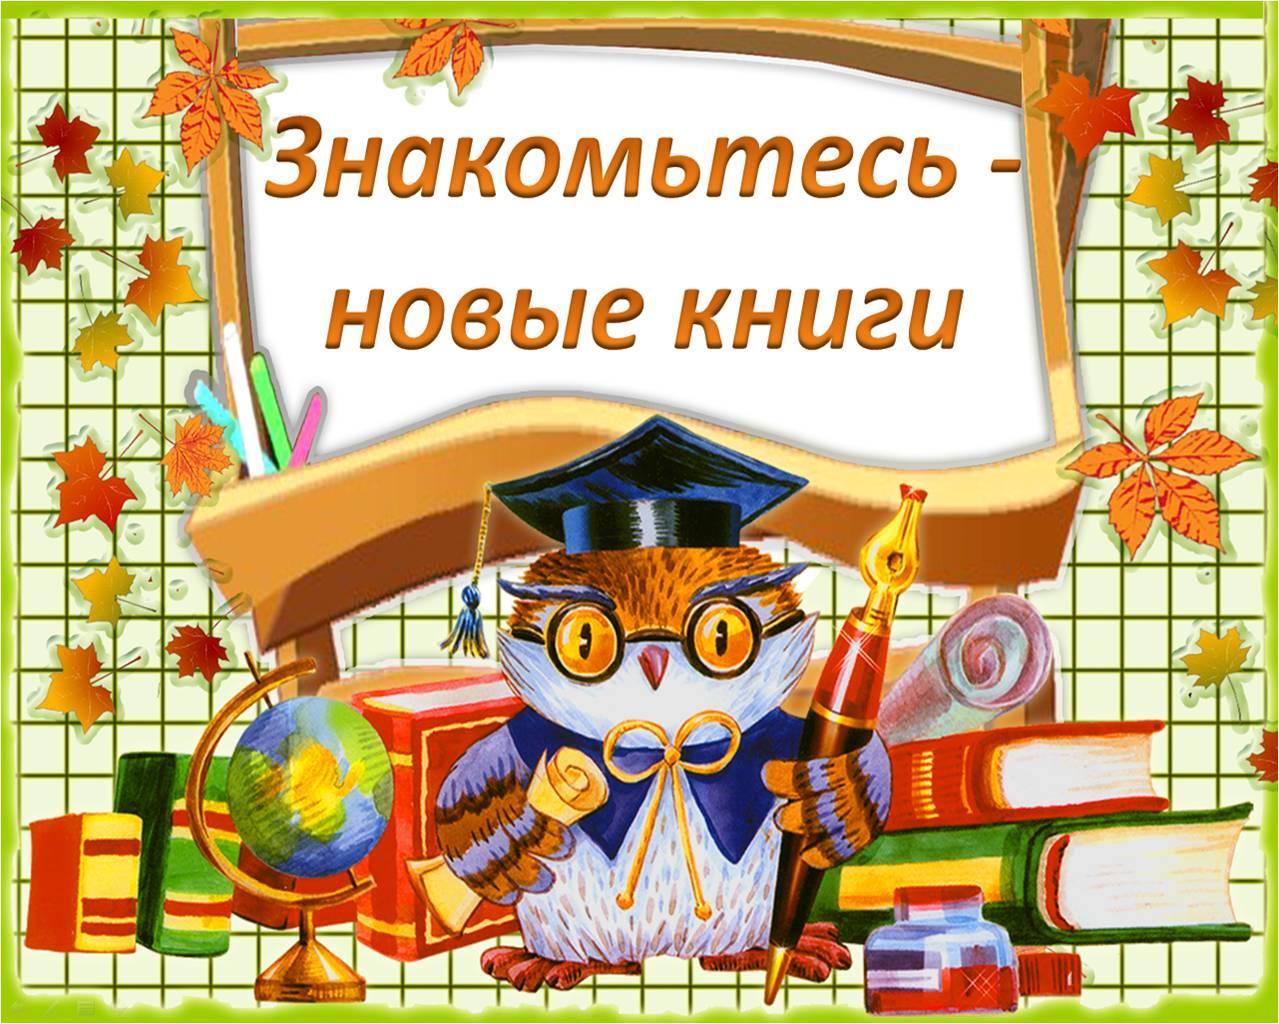 Открытки. Международный день школьных библиотек. Знакомьтесь - новые книги открытки фото рисунки картинки поздравления